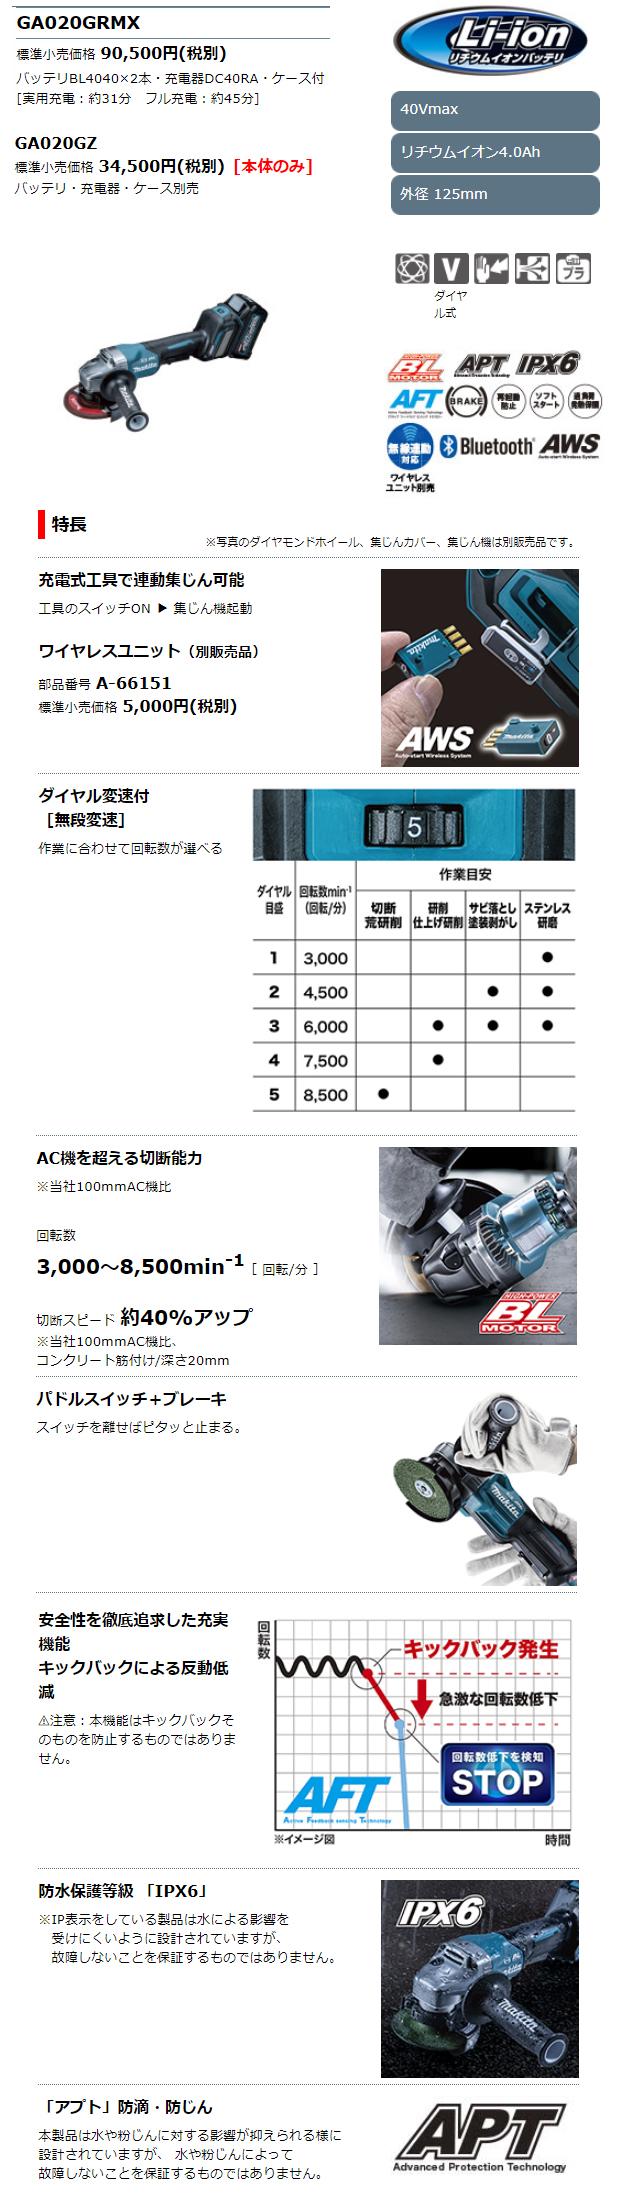 マキタ 40VMAX 125mmパドルスイッチ充電式ディスクグラインダ GA020GRMX/GZ